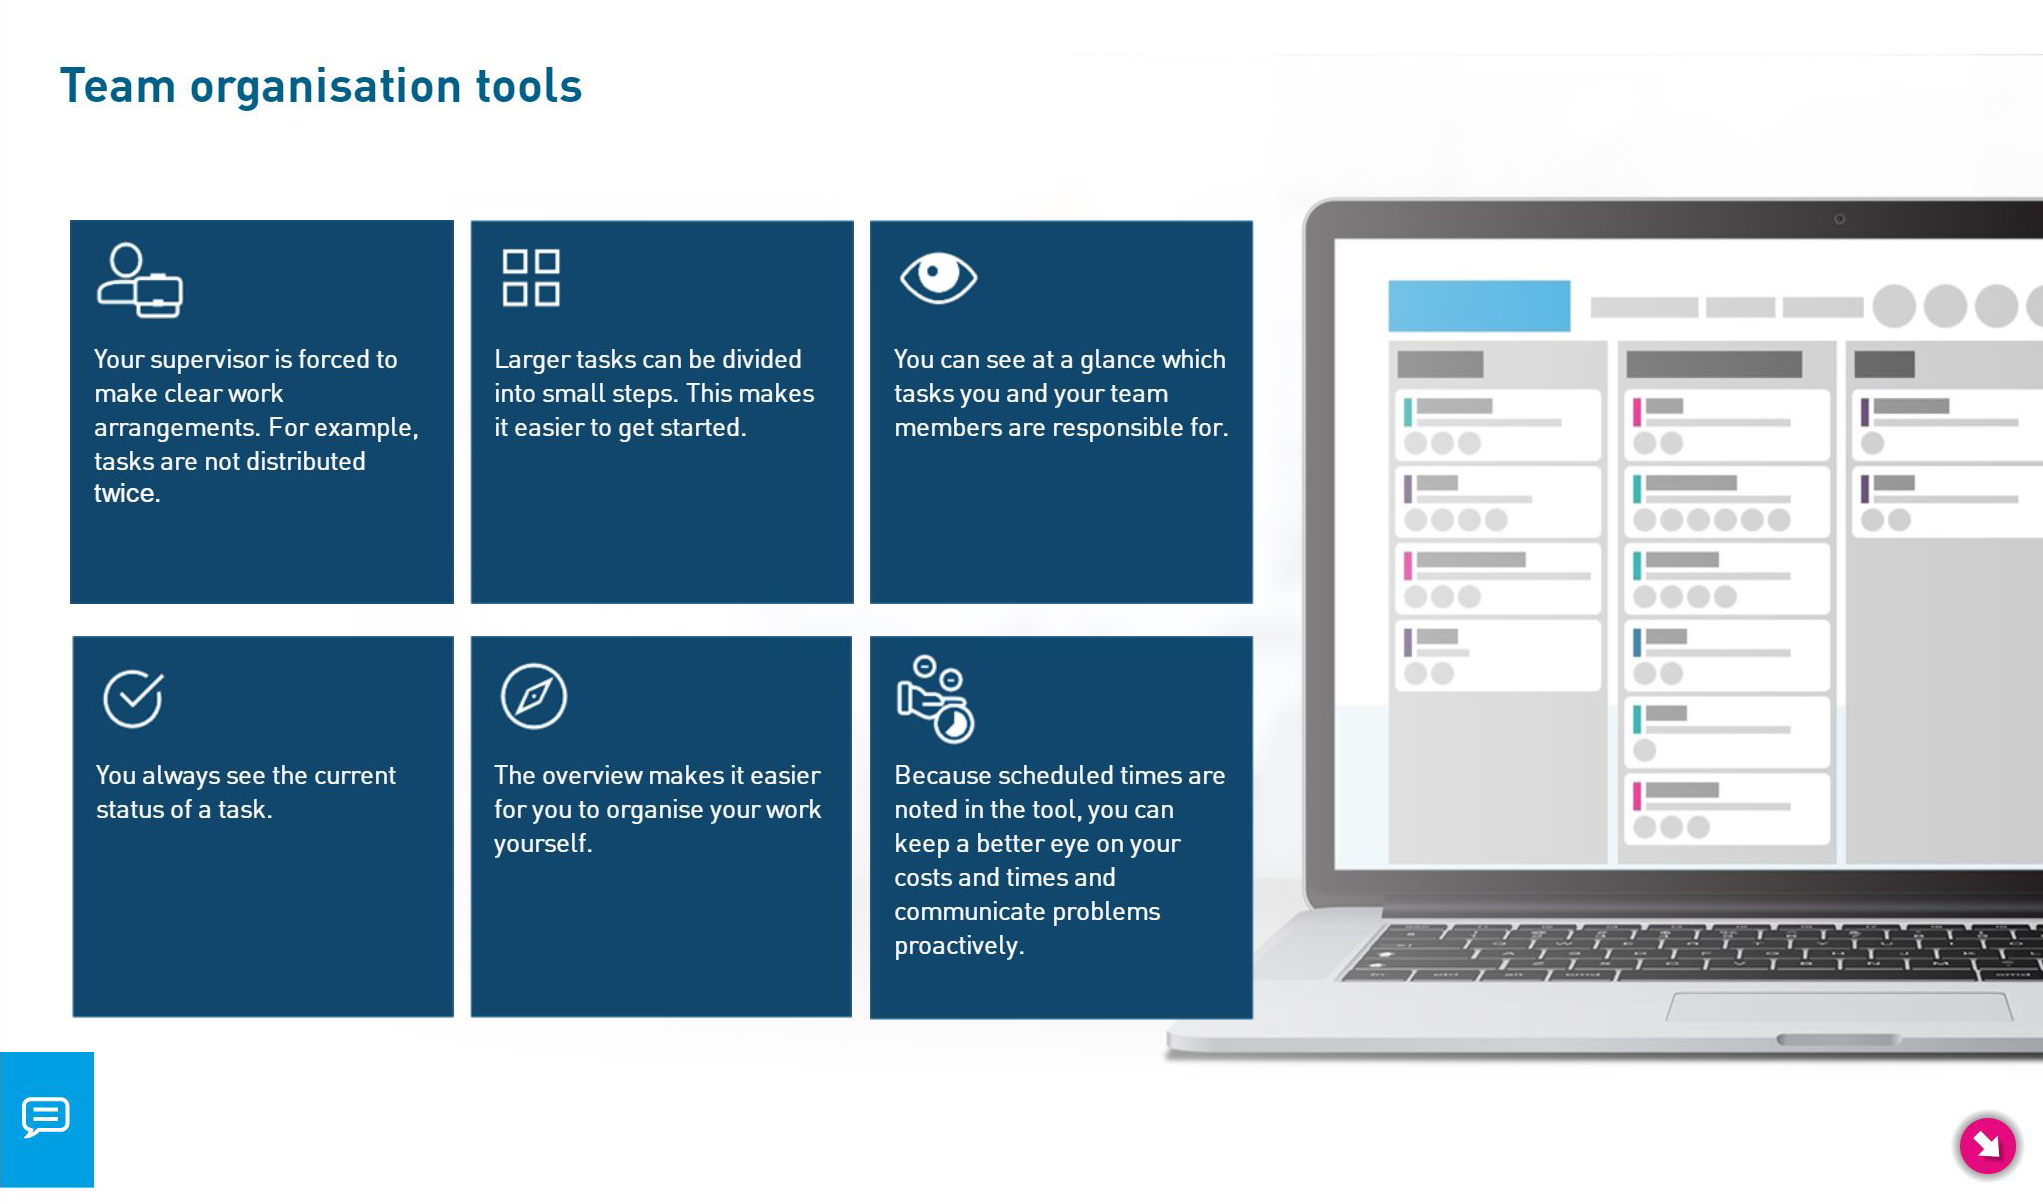 Advantages of team organisation tools